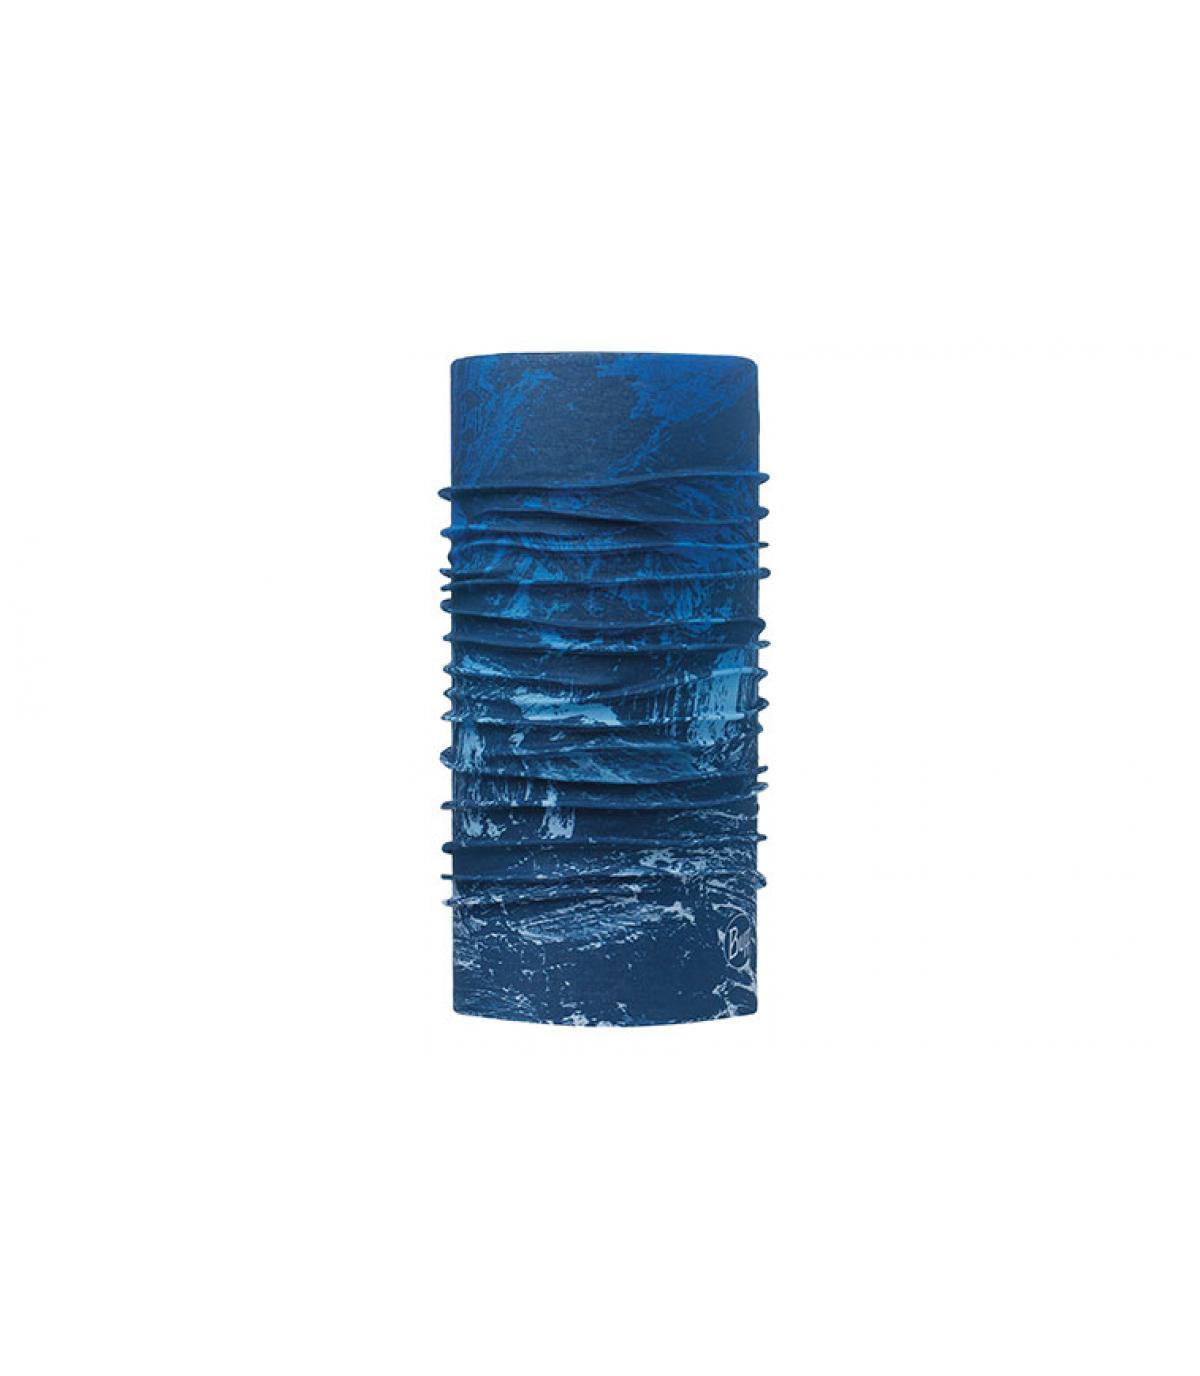 Bandeau Buff bleu